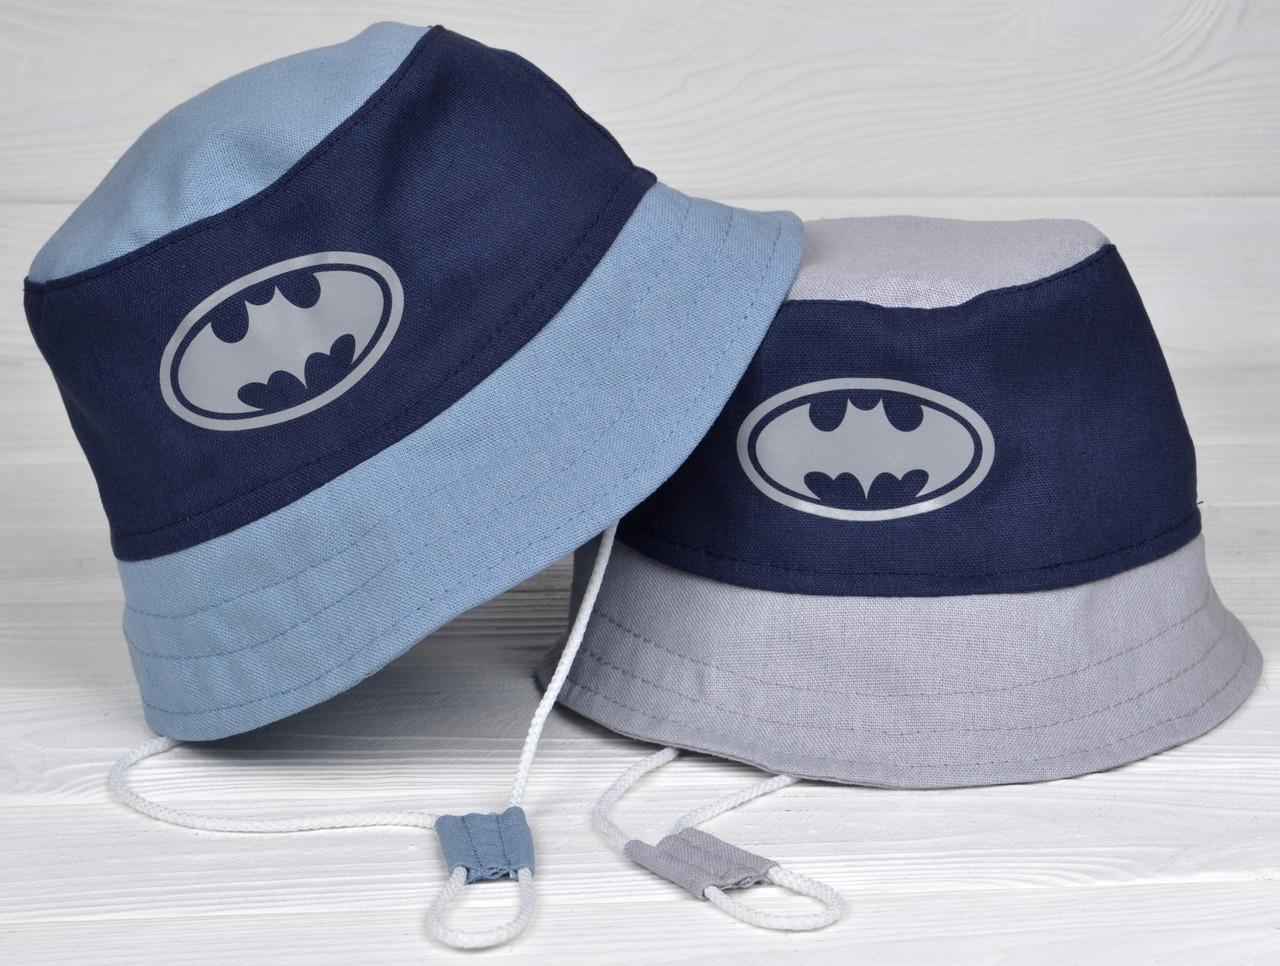 Летняя Панамка для мальчика Челентанка детская ткань лён